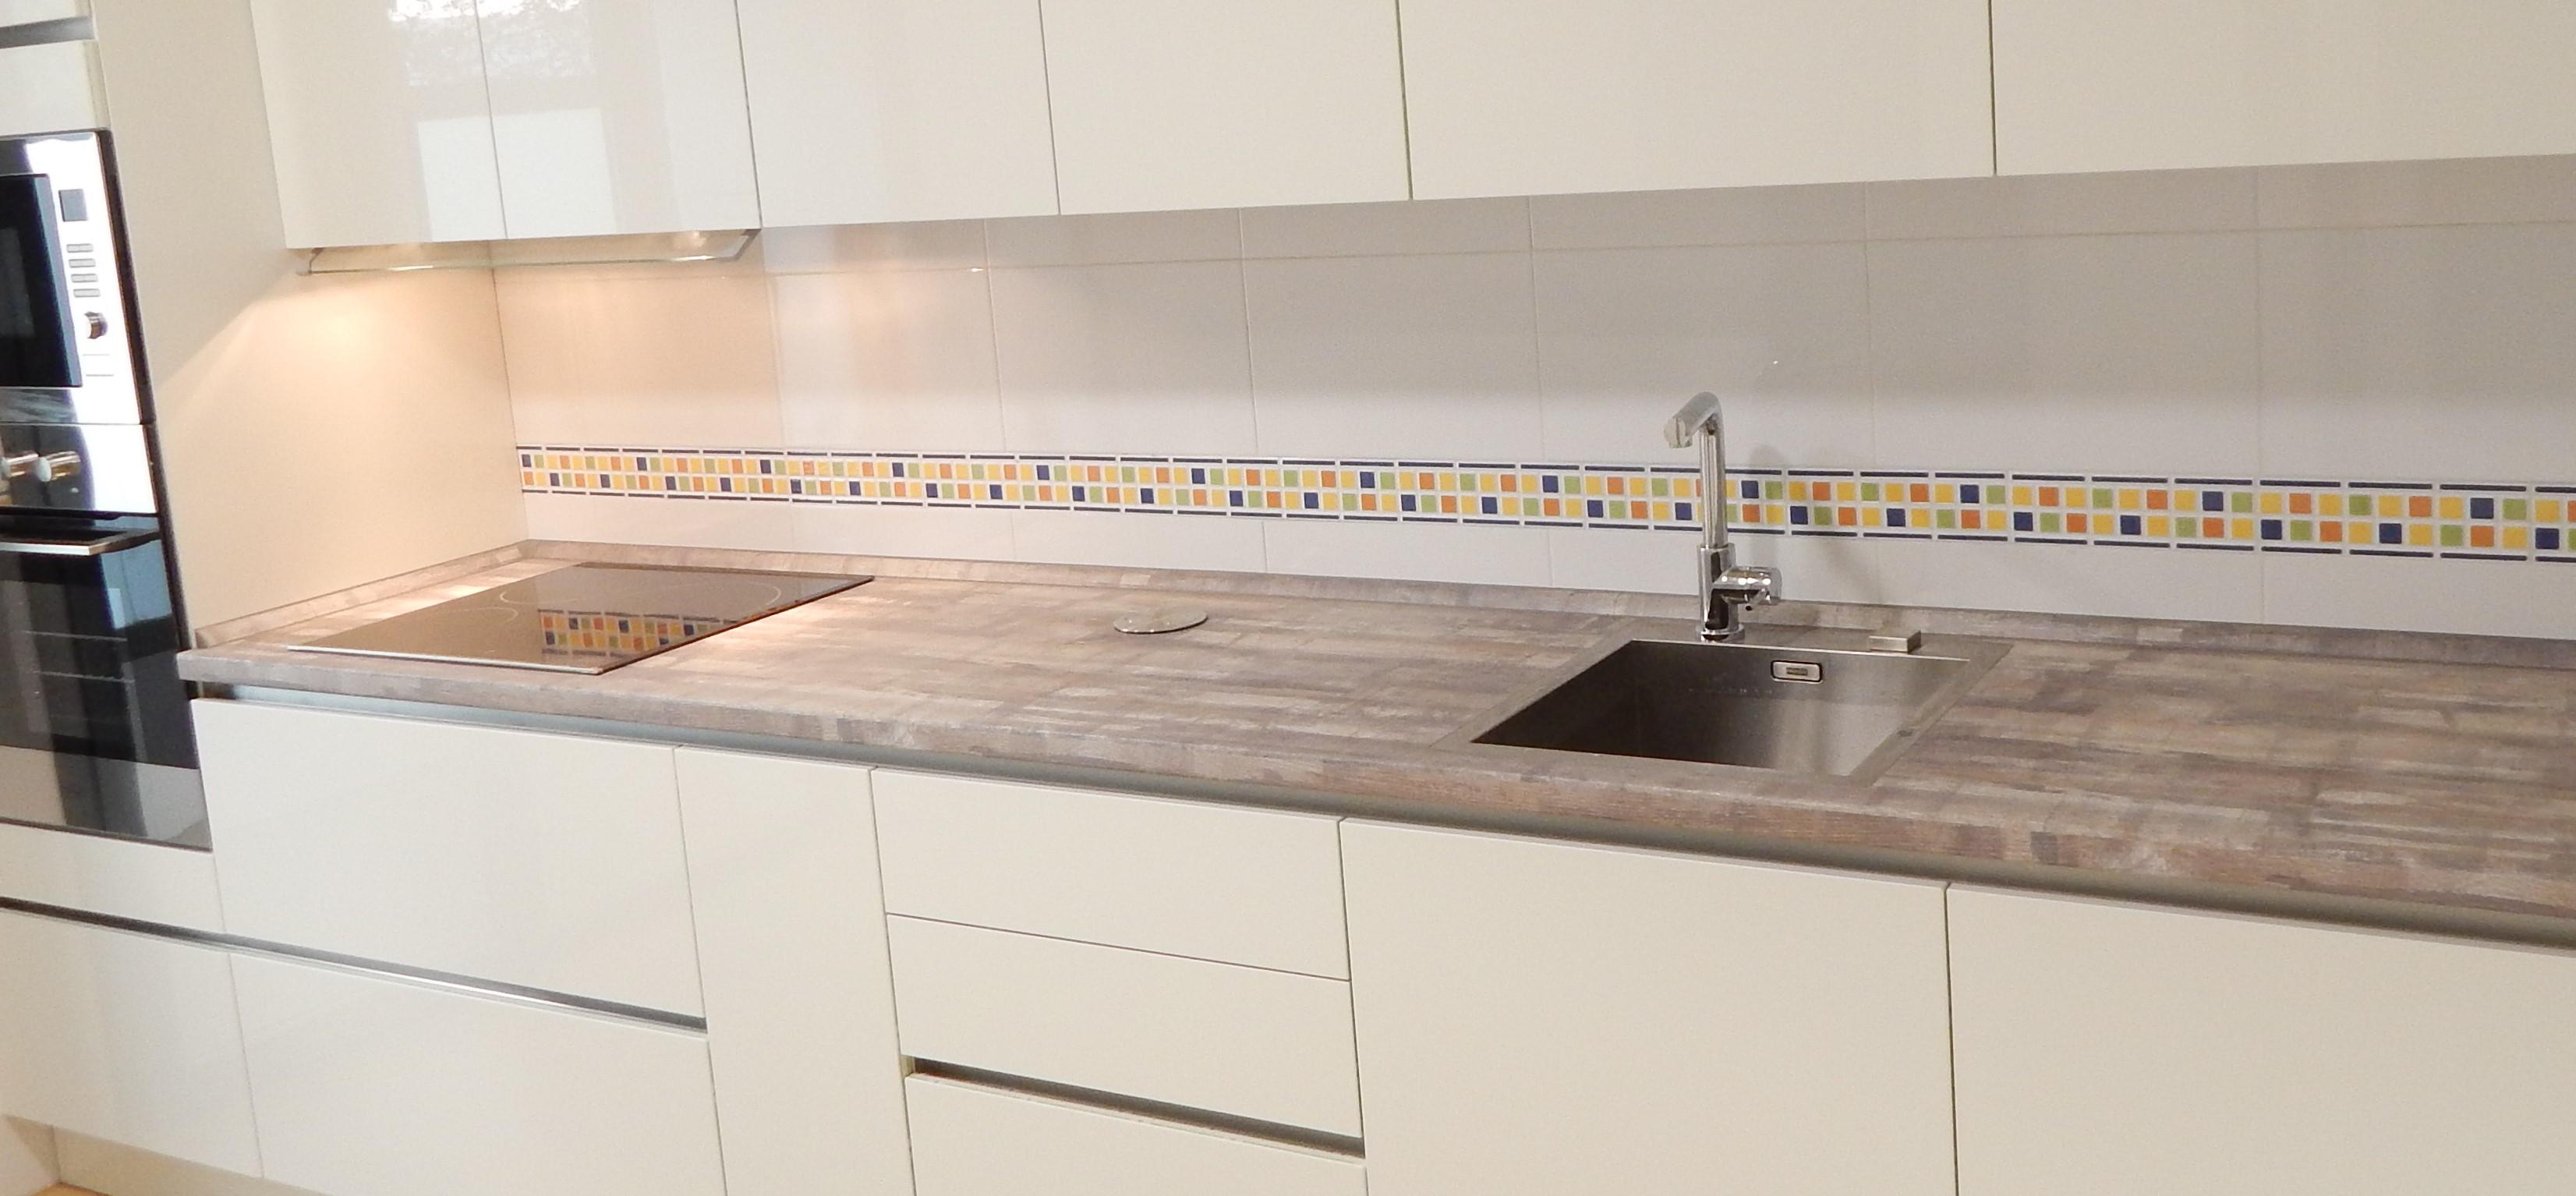 Muebles de cocina blanco y pino vintage - cocinasalemanas.com